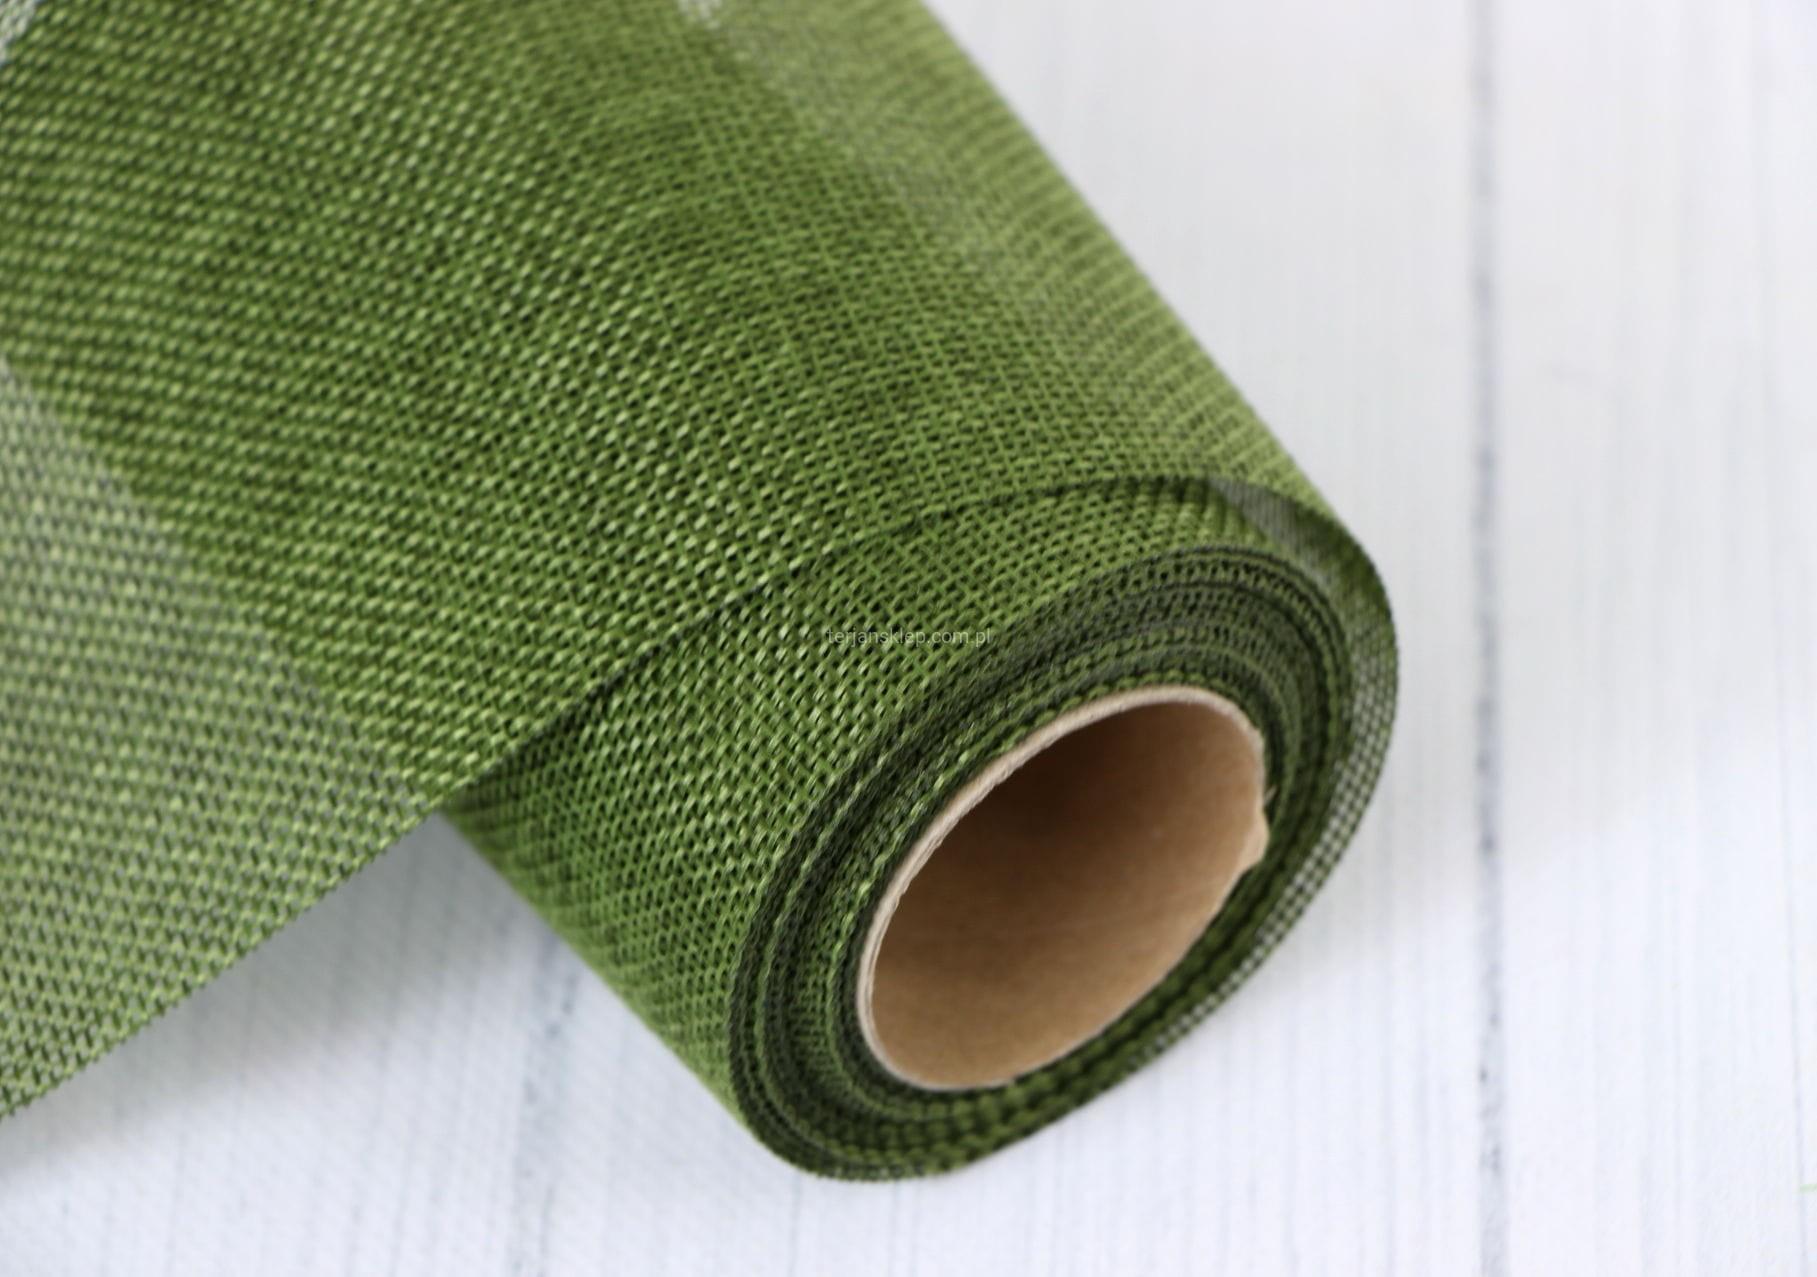 Modne ubrania Juta sztuczna (12 cm x 5Y) green - Sklep internetowy TERJAN PQ24